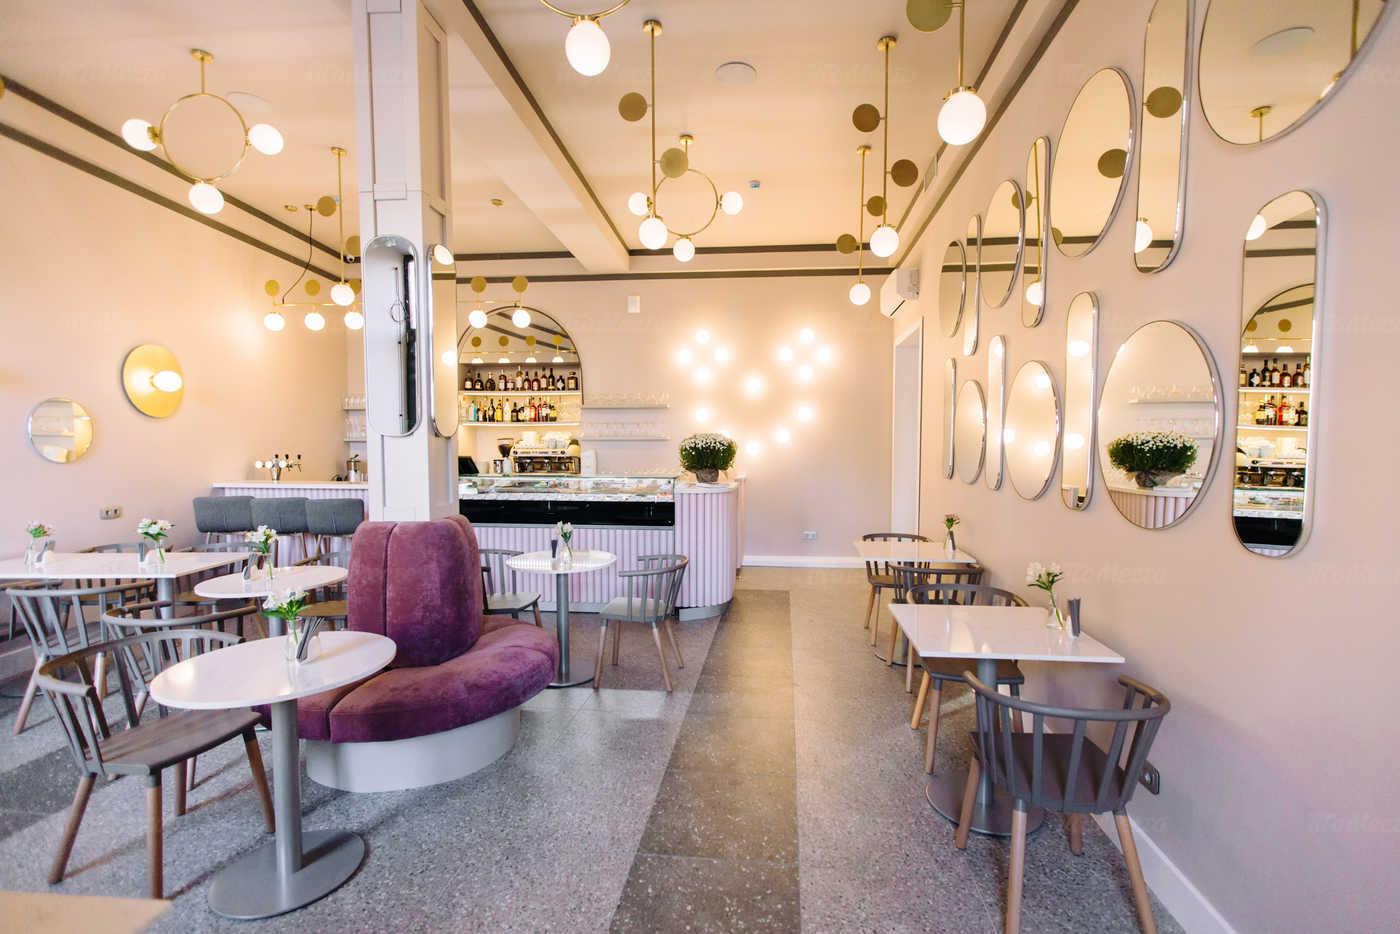 Ресторан Джульетта (Giulietta) на Инженерной улице фото 2